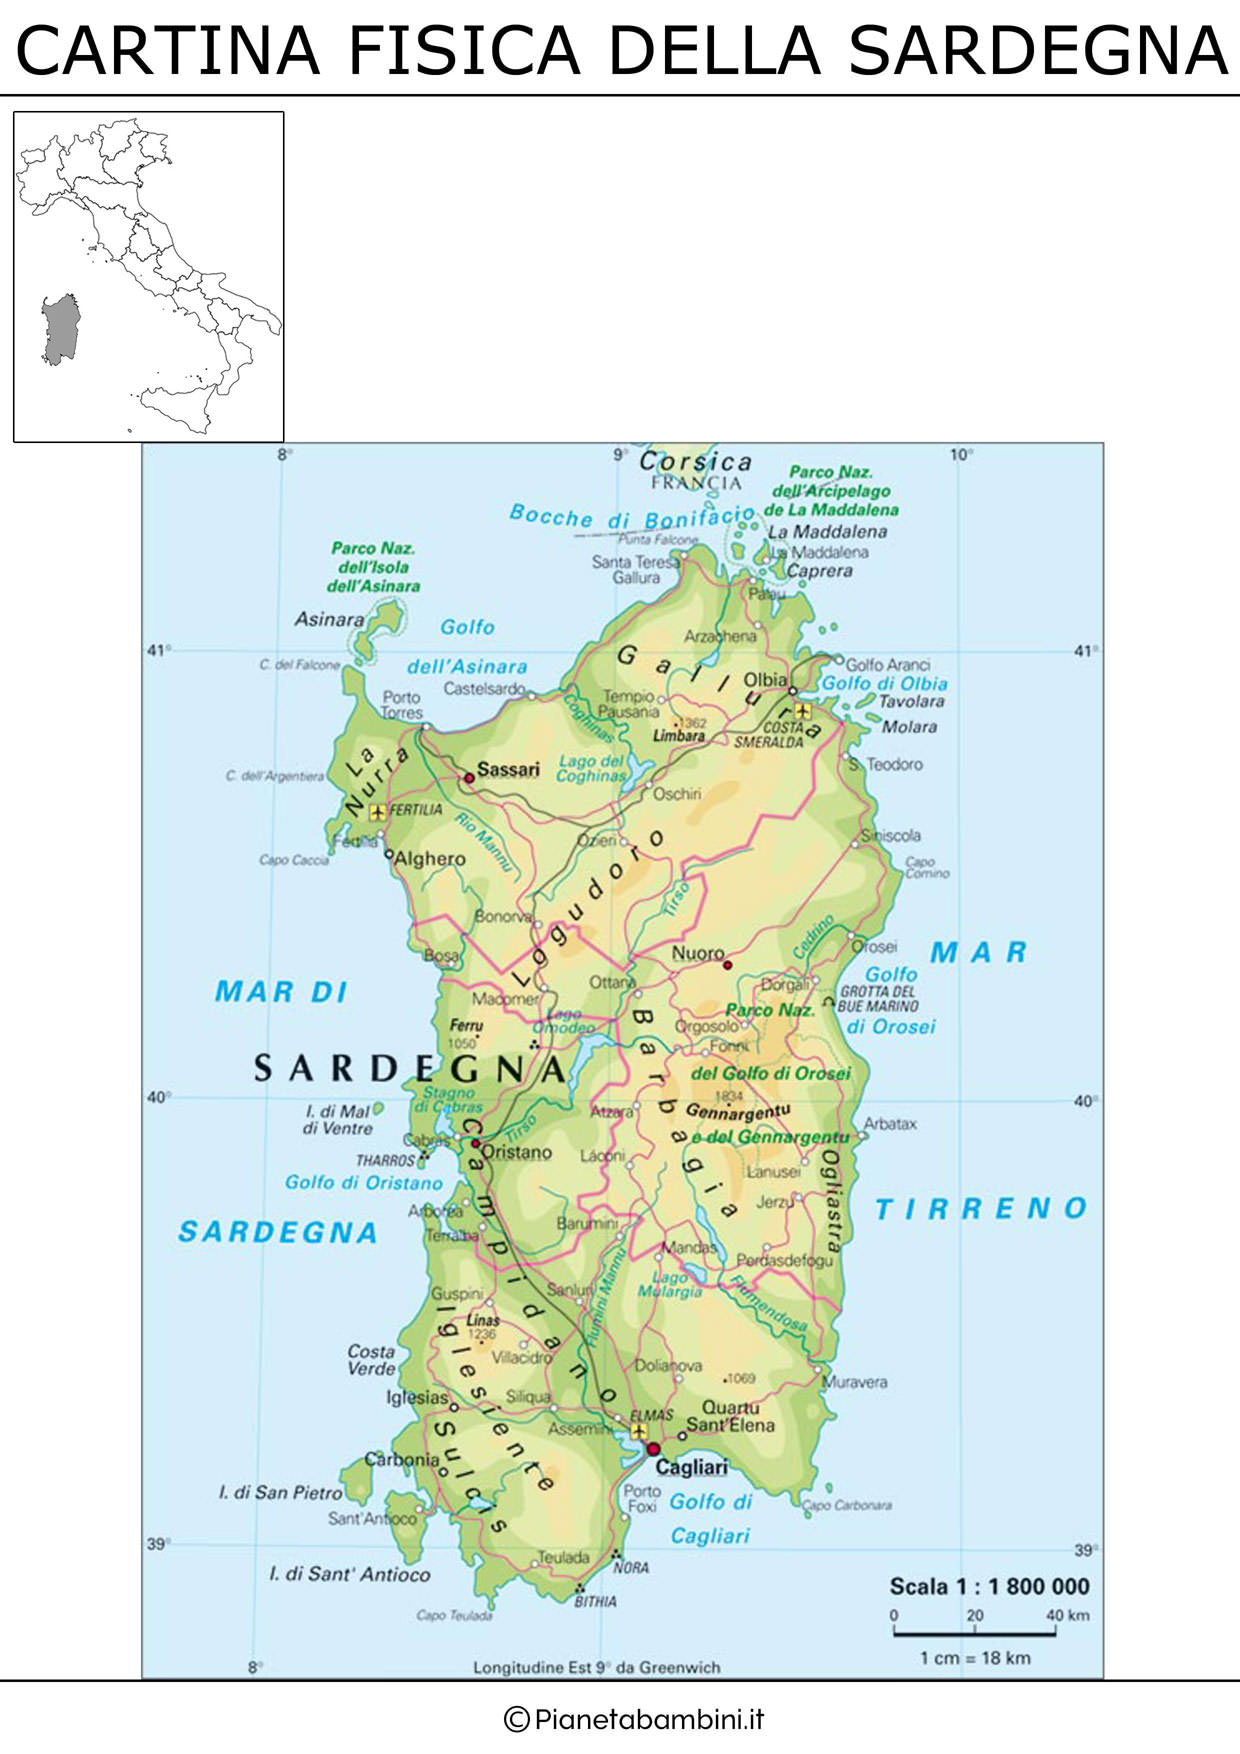 Cartina della Sardegna in versione fisica da stampare gratis